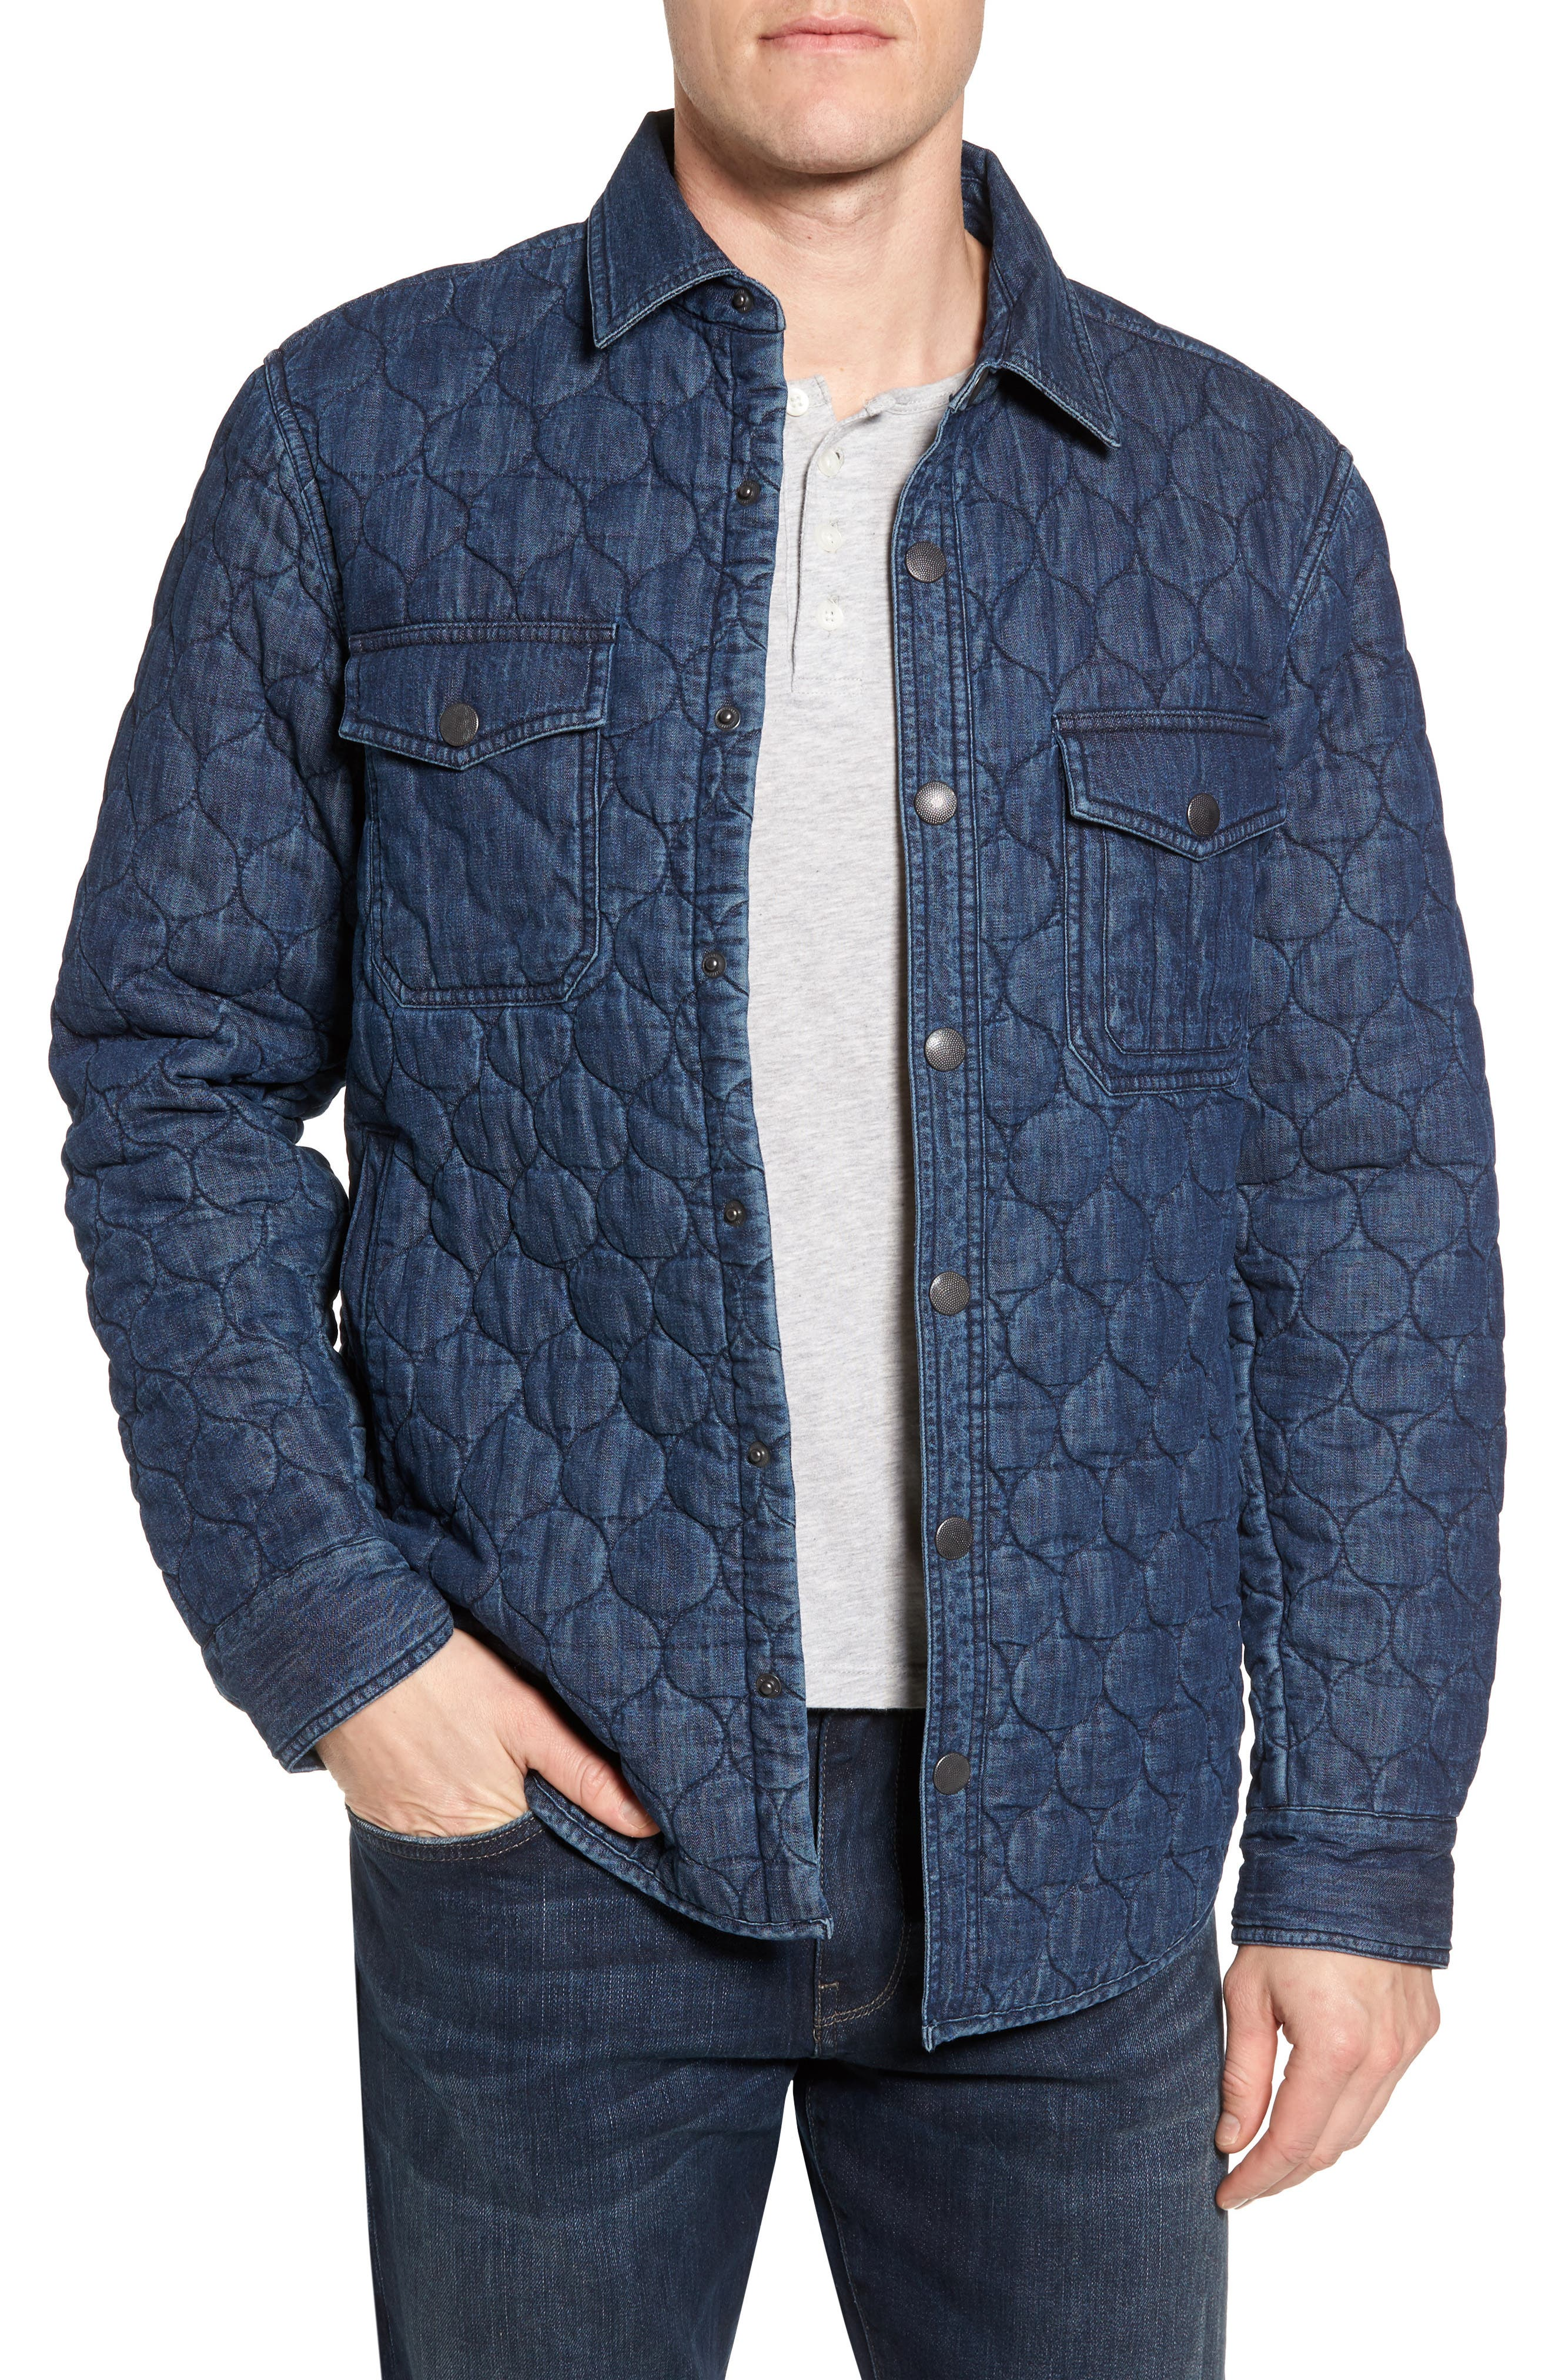 Nordstrom Men's Shop Quilted Denim Shirt Jacket | Nordstrom